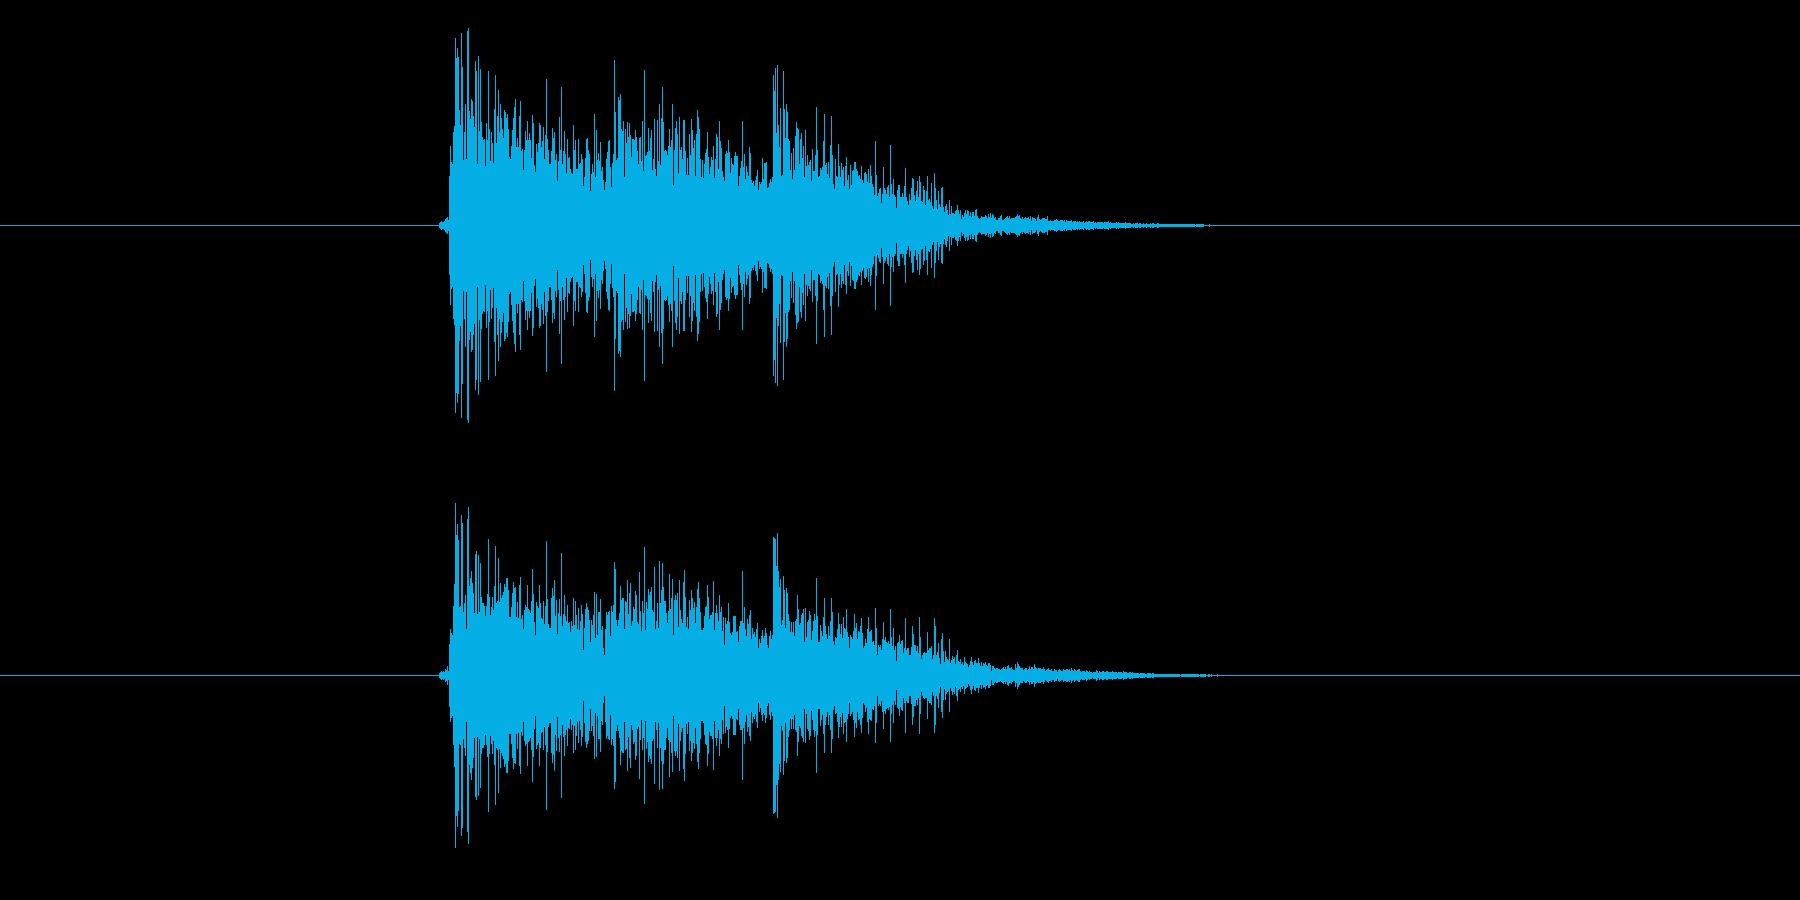 楽しい雰囲気のマーチによるジングル曲の再生済みの波形